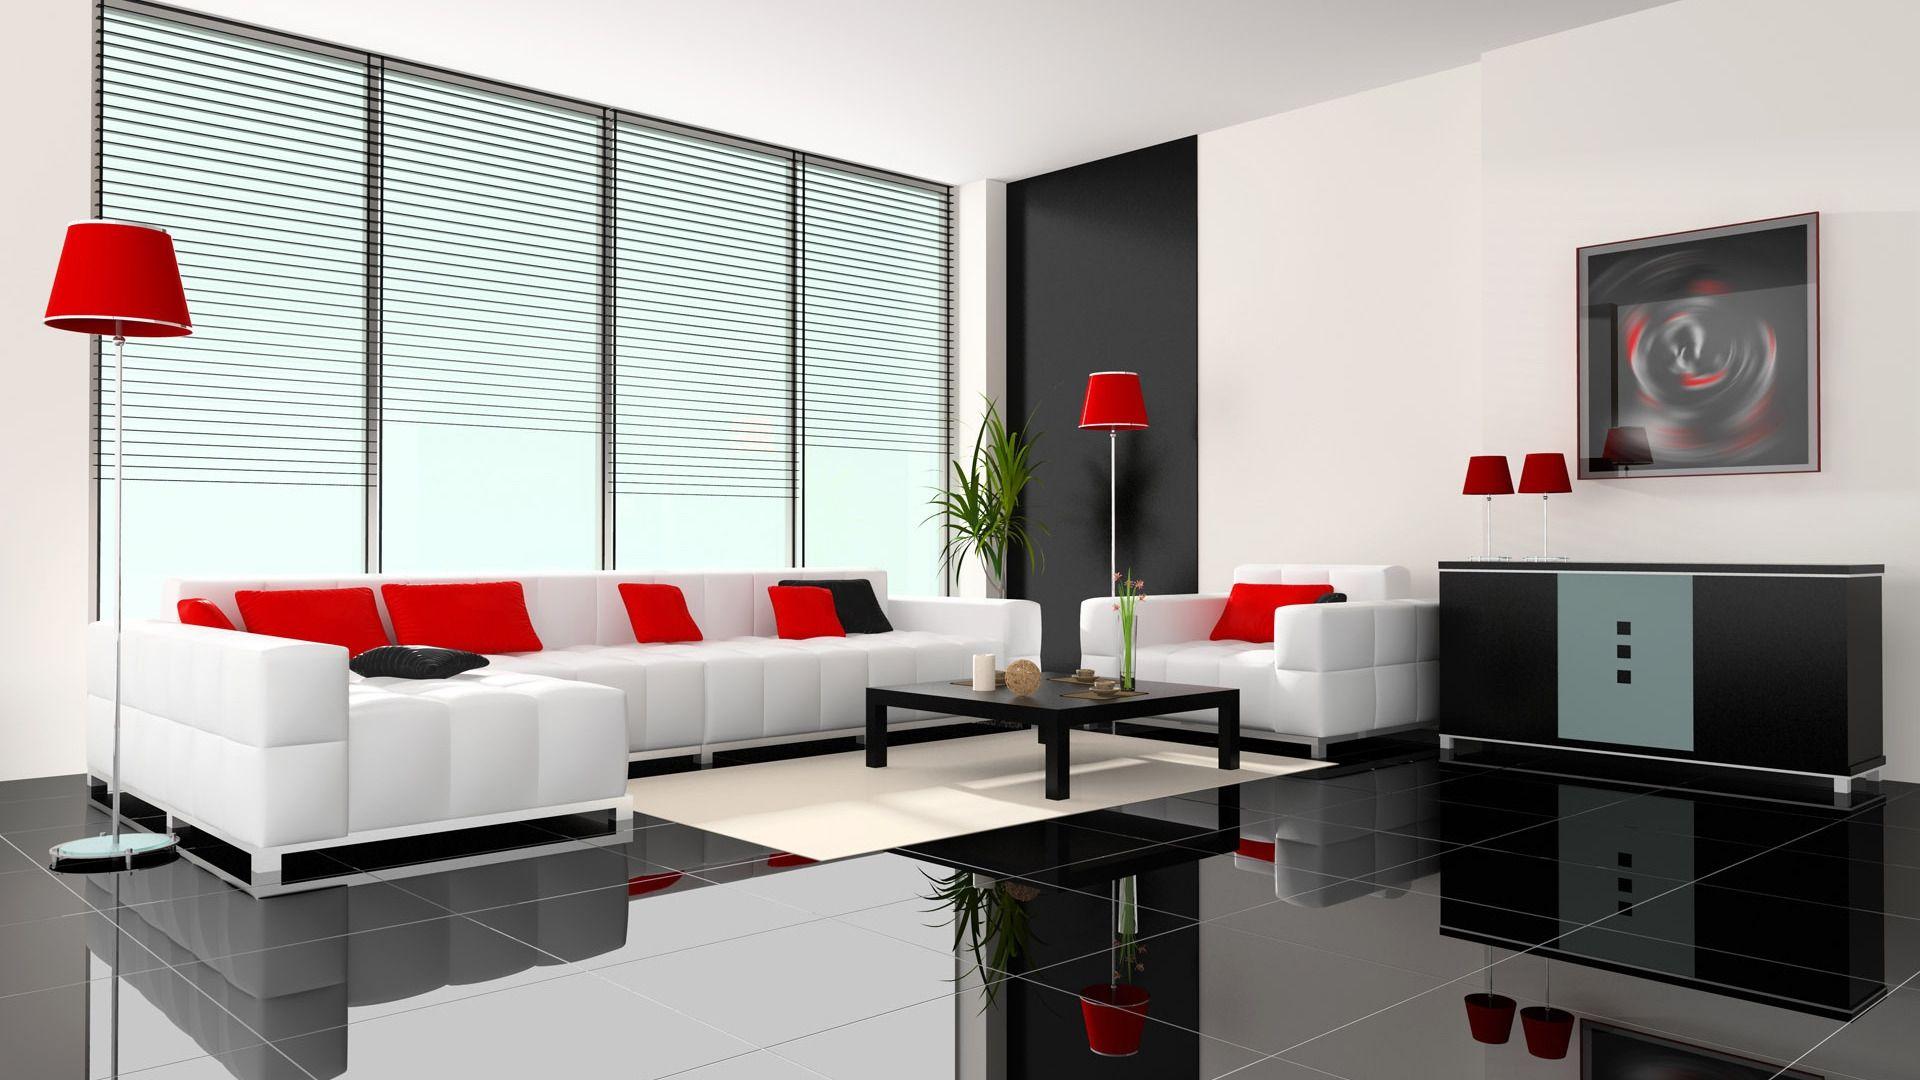 Home interior design photos hd - Top 25 Ideas About Home Interior On Pinterest House Interiors On Home Interior Design Hd Photos